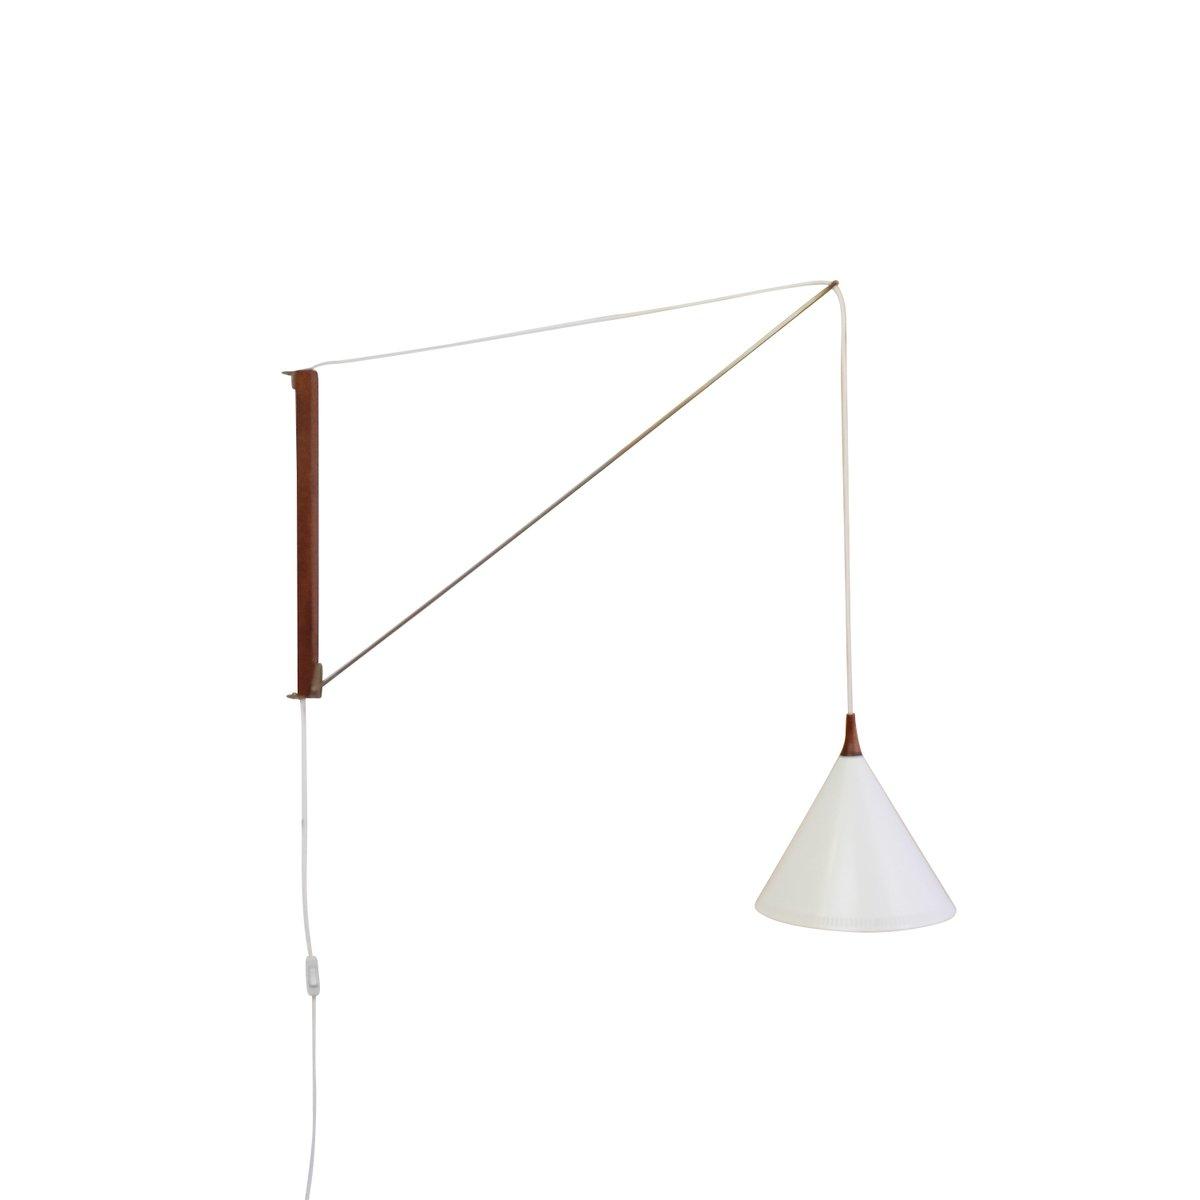 Arc Wandlampe mit Gegengewicht von Willem Hagoort für Hagoort, 1950er